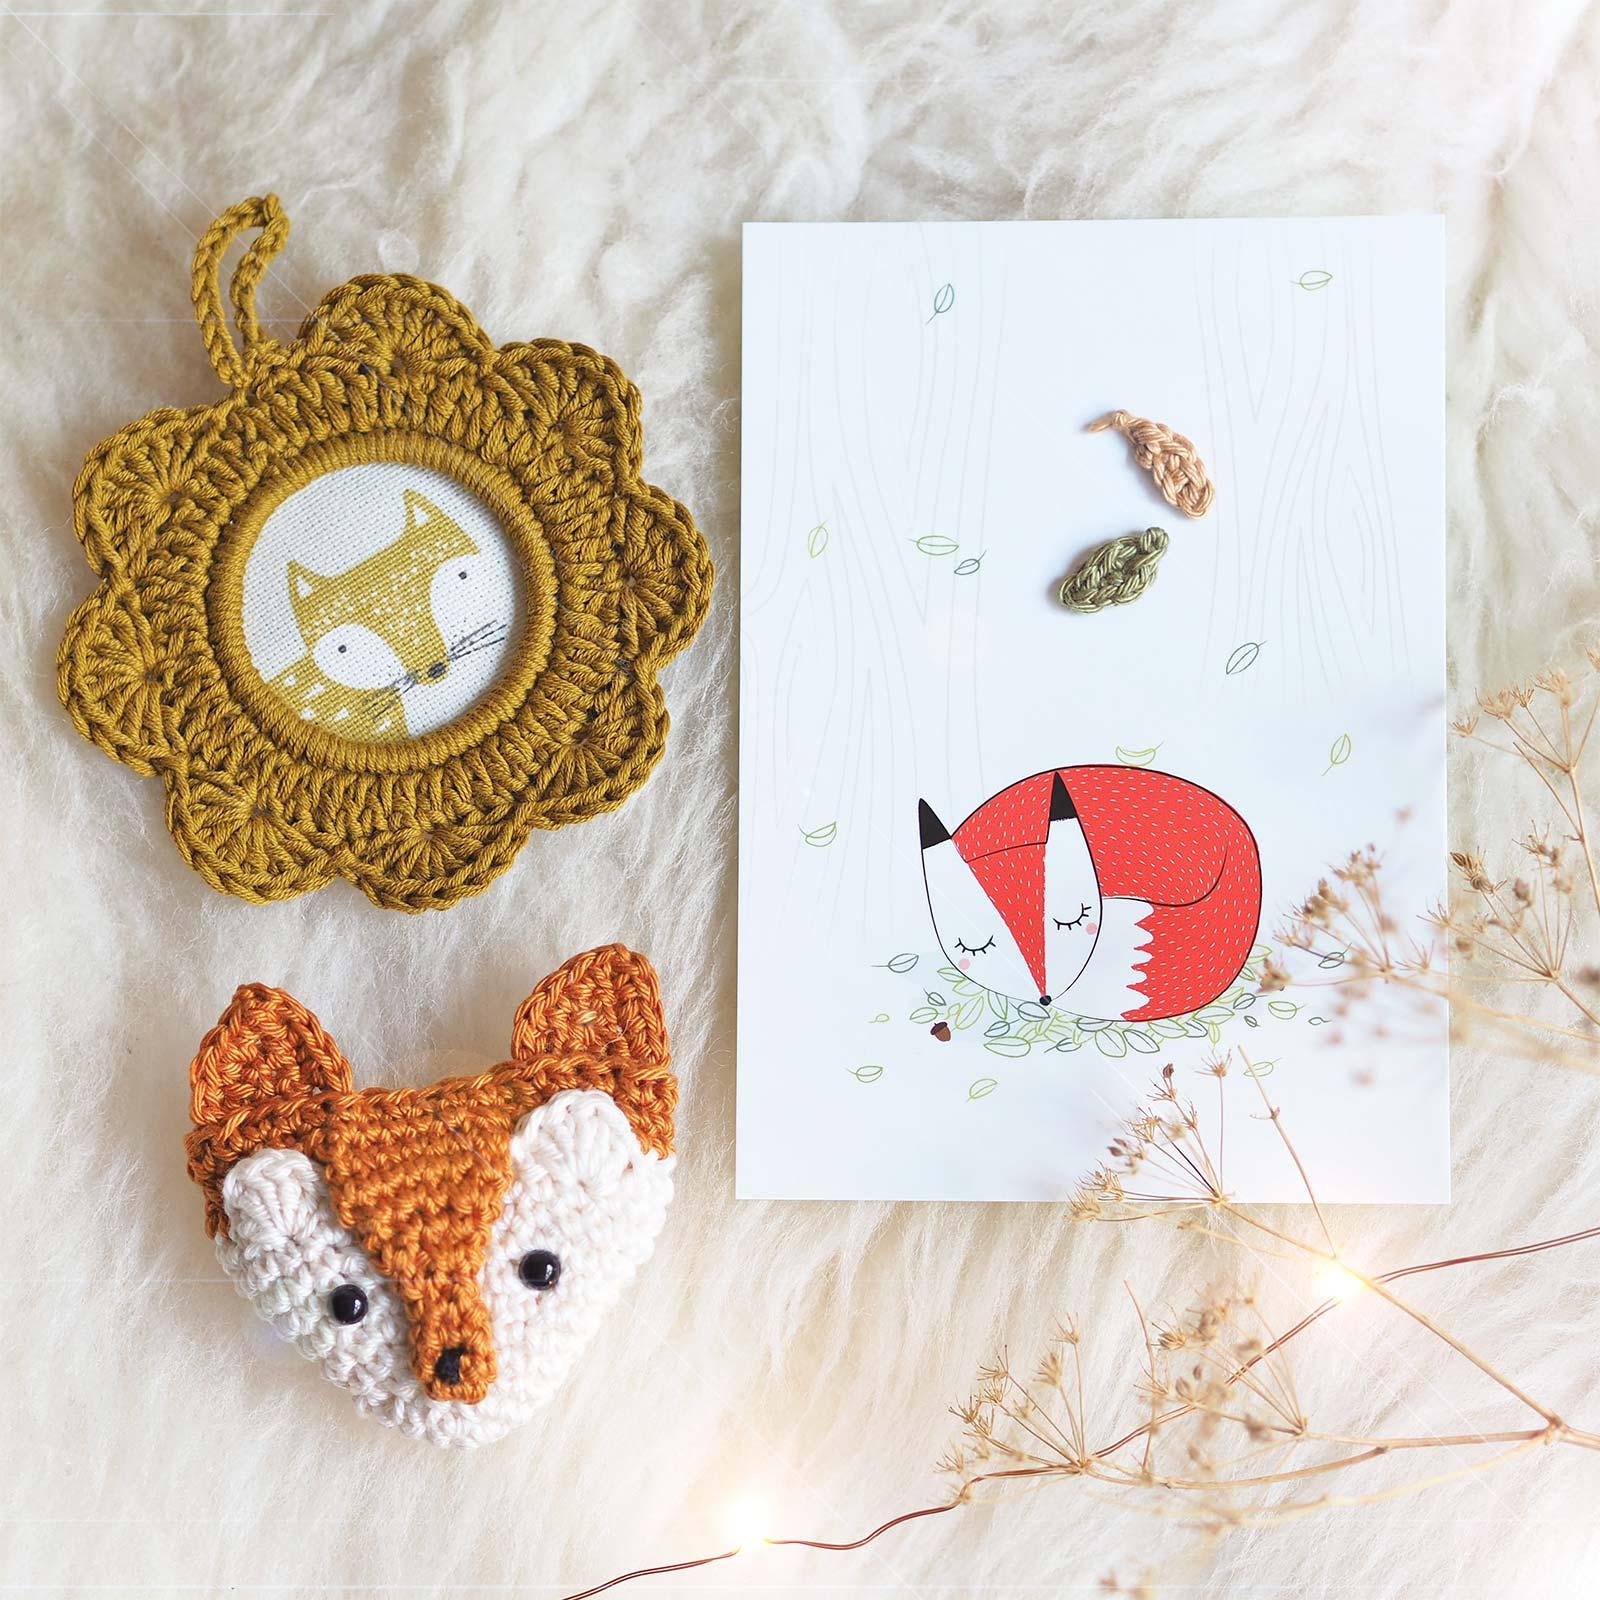 broche renard roux crochet cadre idée cadeau mignonnerie laboutiquedemelimelo